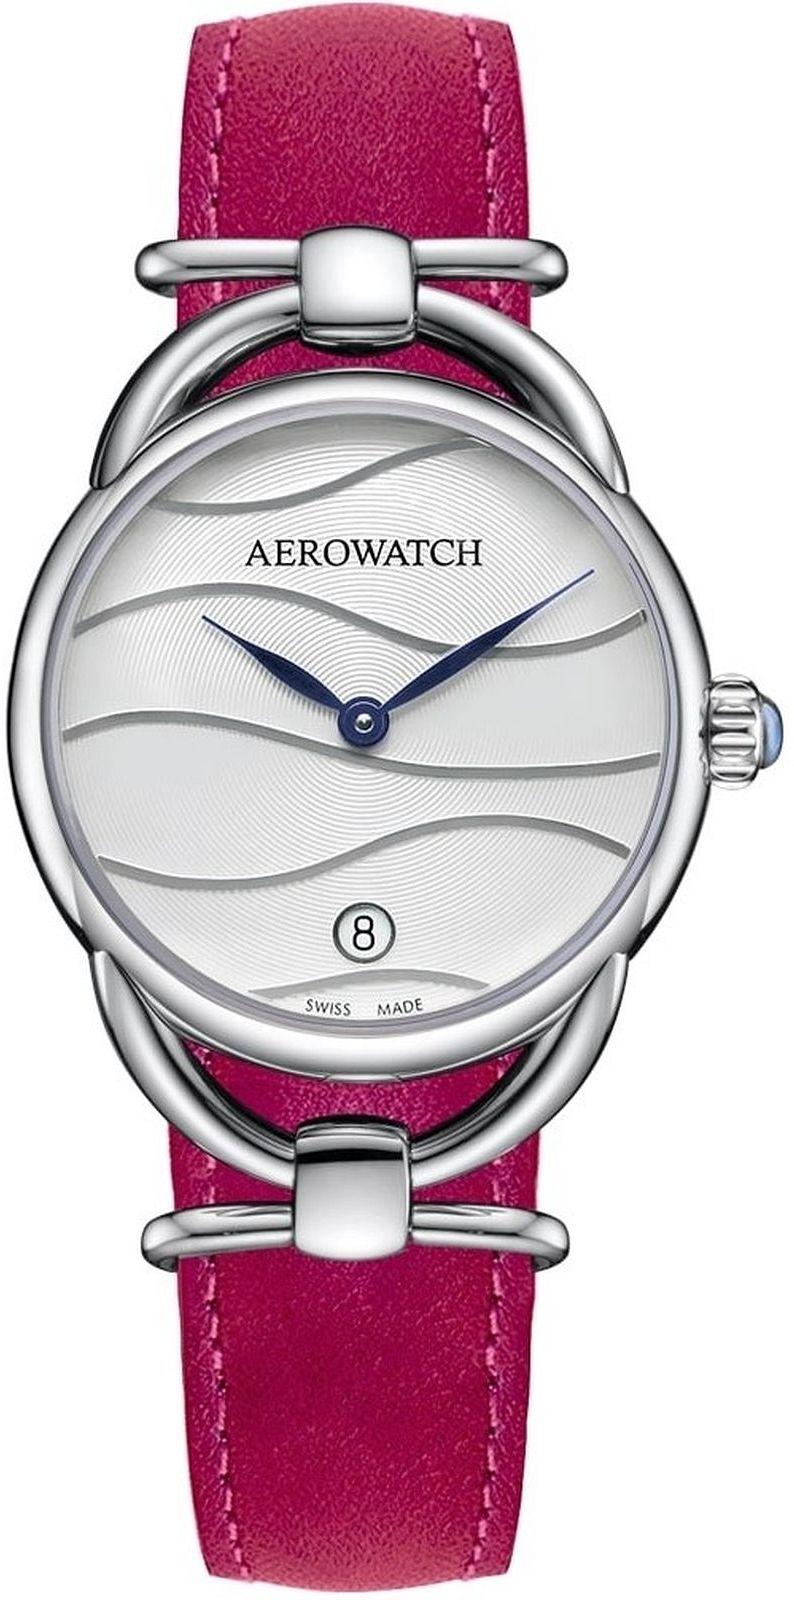 Aerowatch 07977-AA03 > Wysyłka tego samego dnia Grawer 0zł Darmowa dostawa Kurierem/Inpost Darmowy zwrot przez 100 DNI